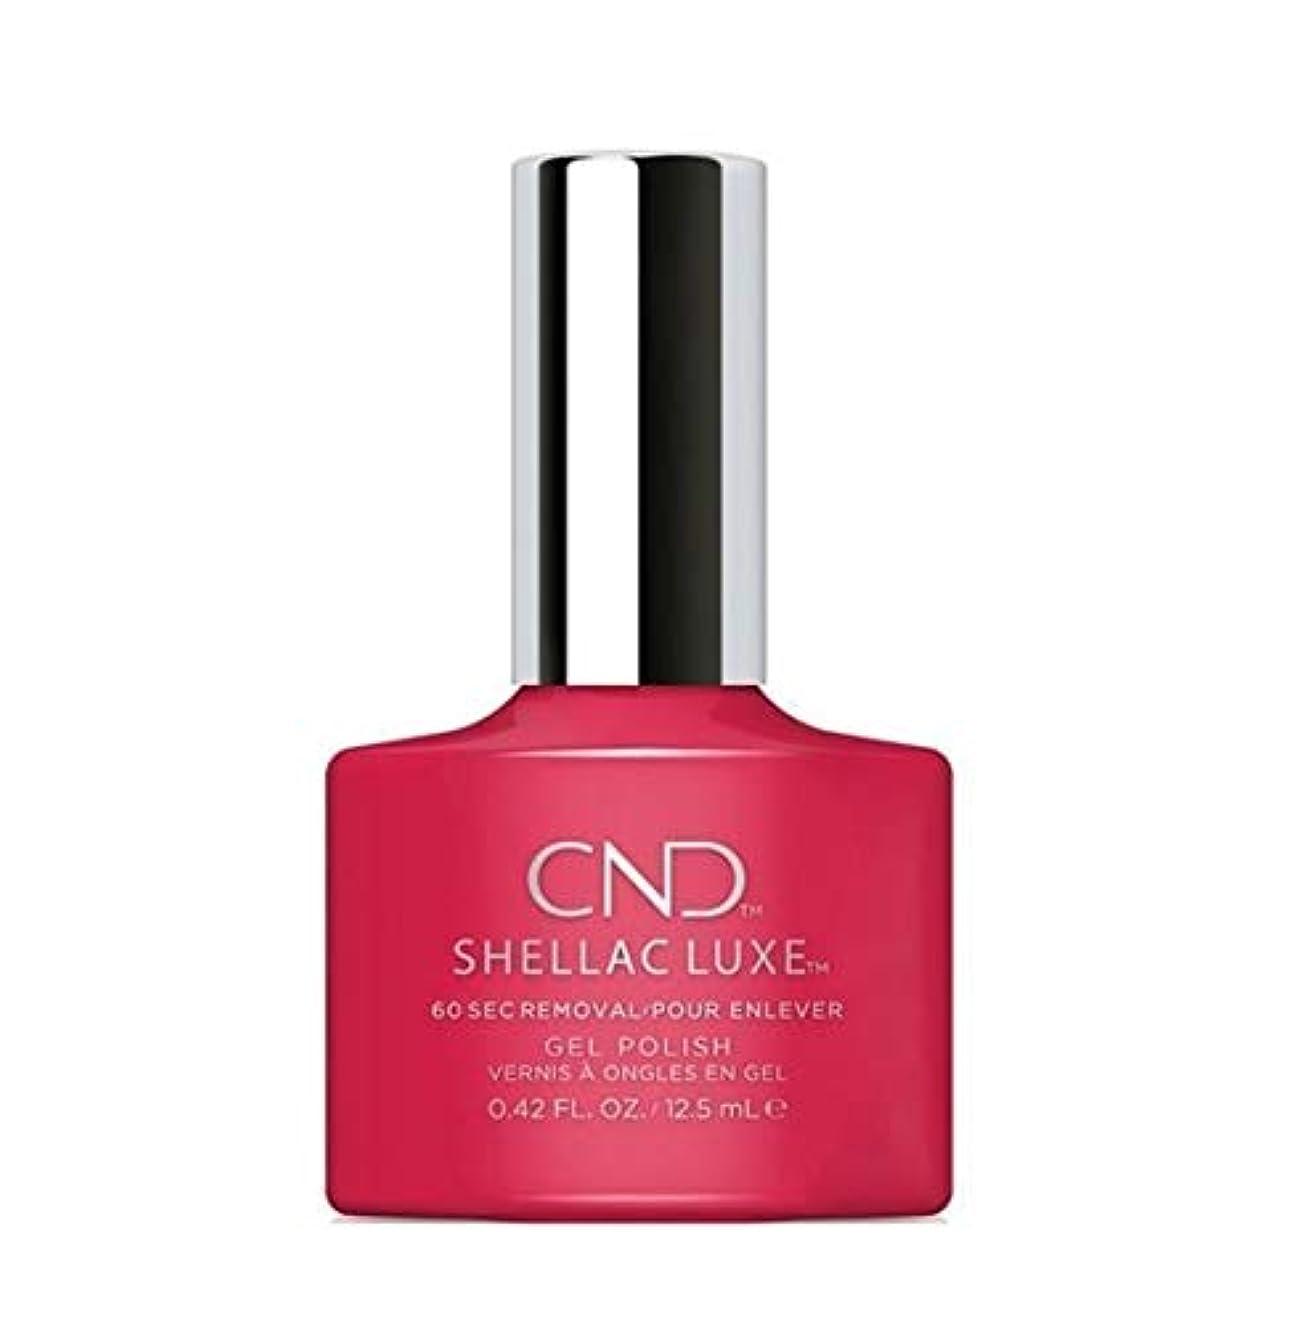 衰える常習的魅惑的なCND Shellac Luxe - Femme Fatale - 12.5 ml / 0.42 oz